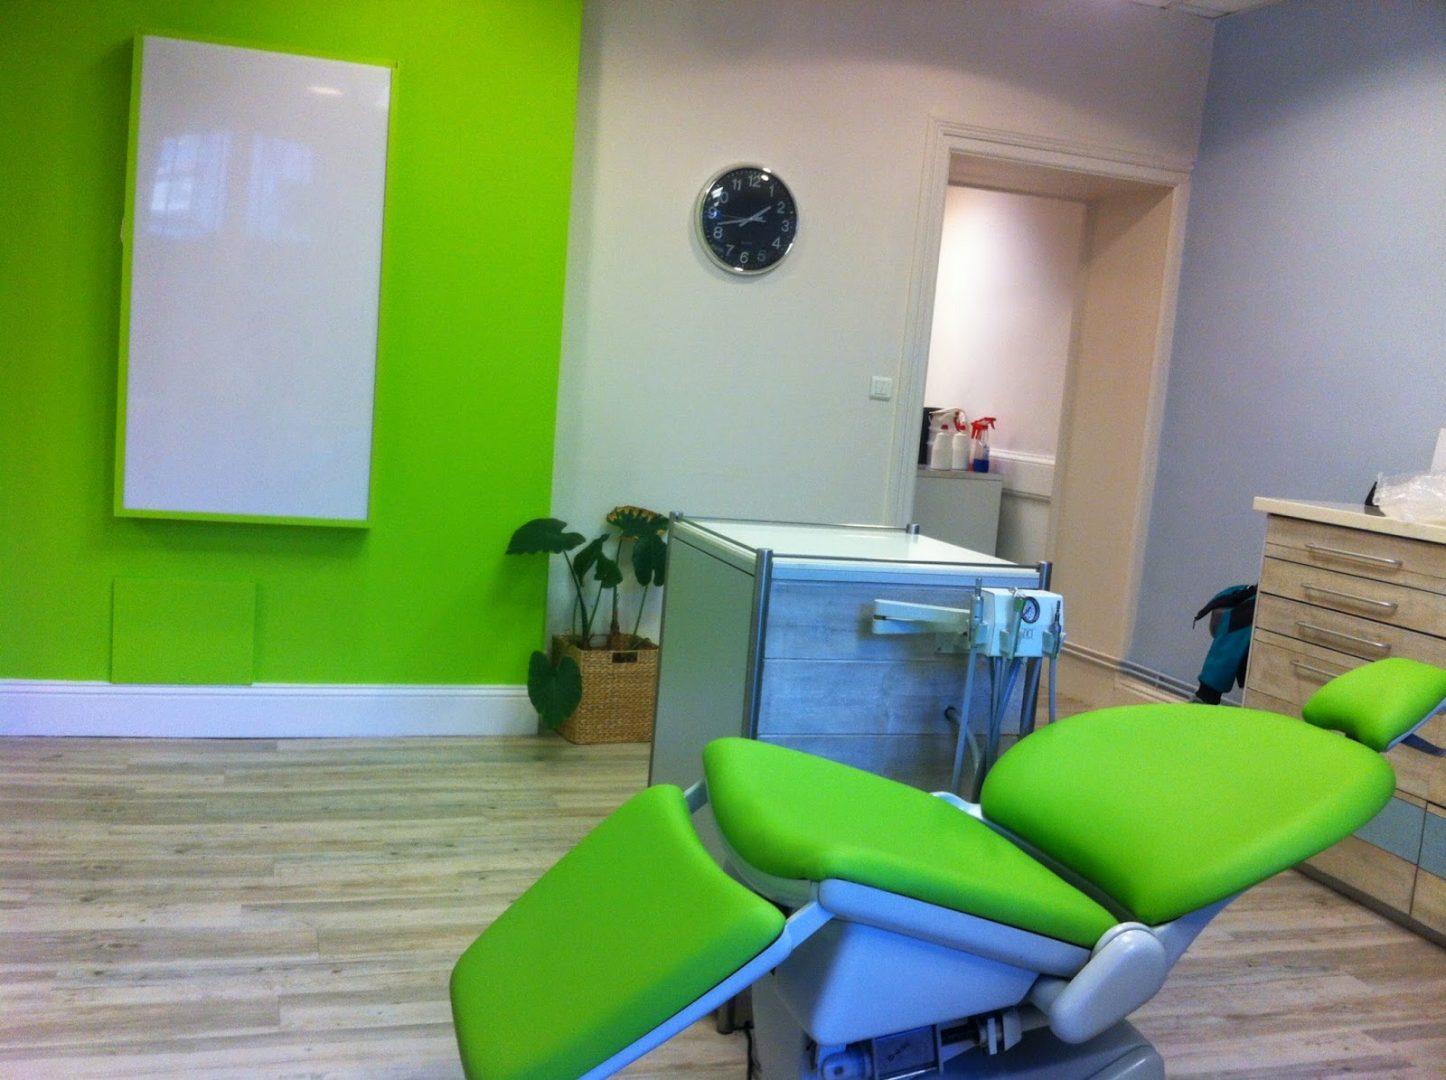 Siège vert pour cabinet de dentiste